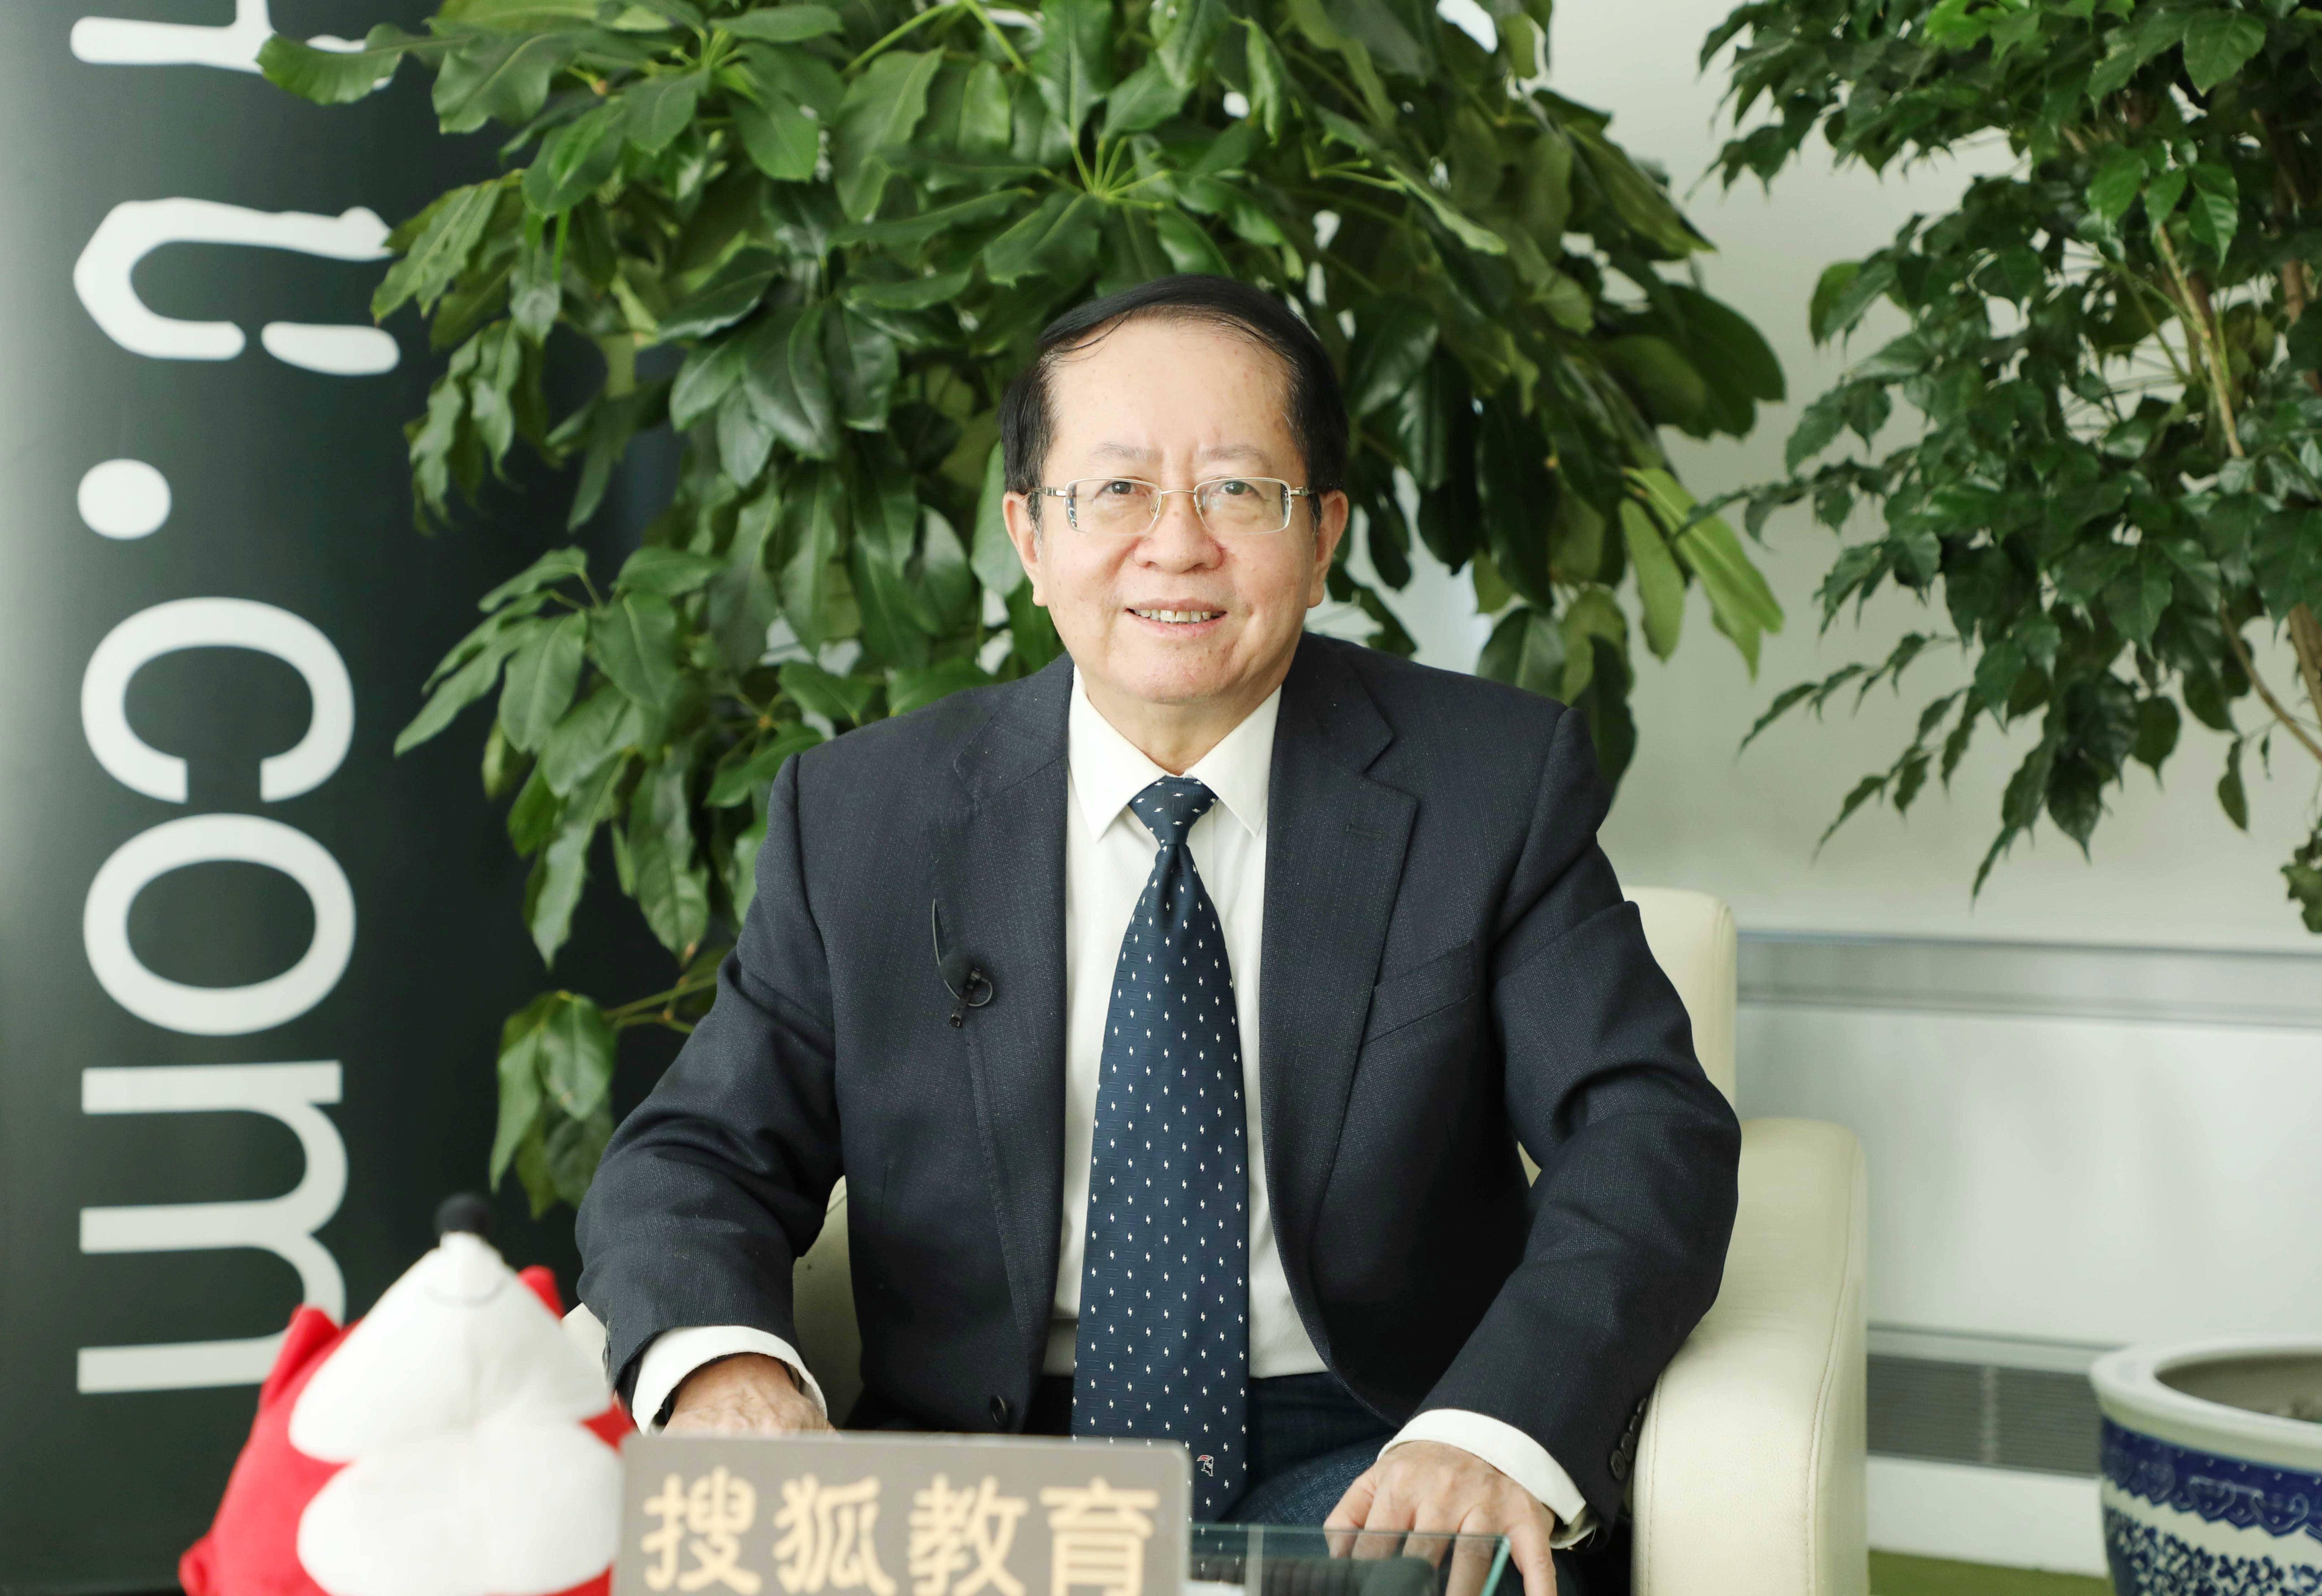 刘堂江:教育是耐心倾听花开的声音